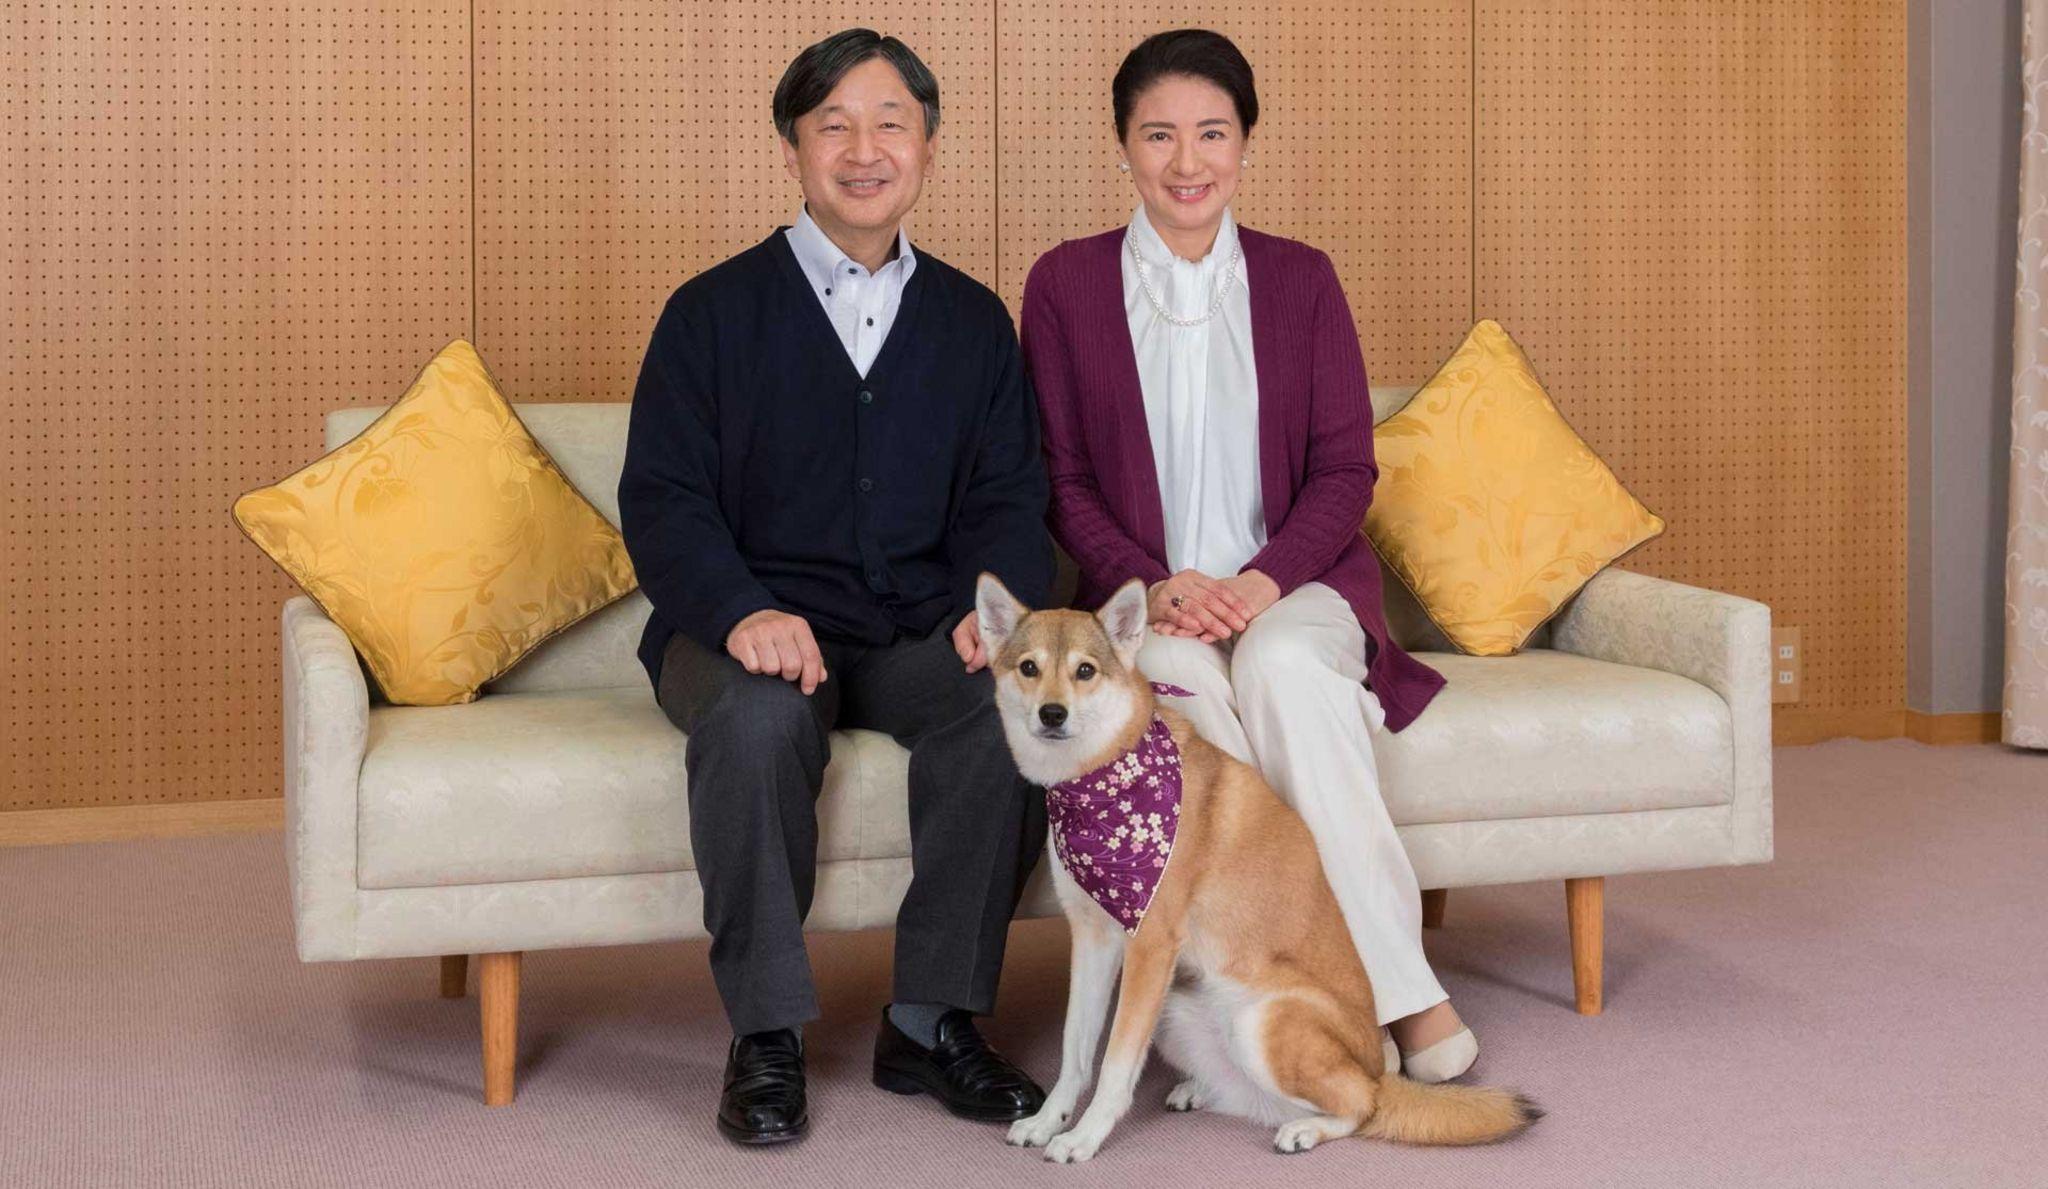 Prince Naruhito and Princess Masako with their pet dog Yuri